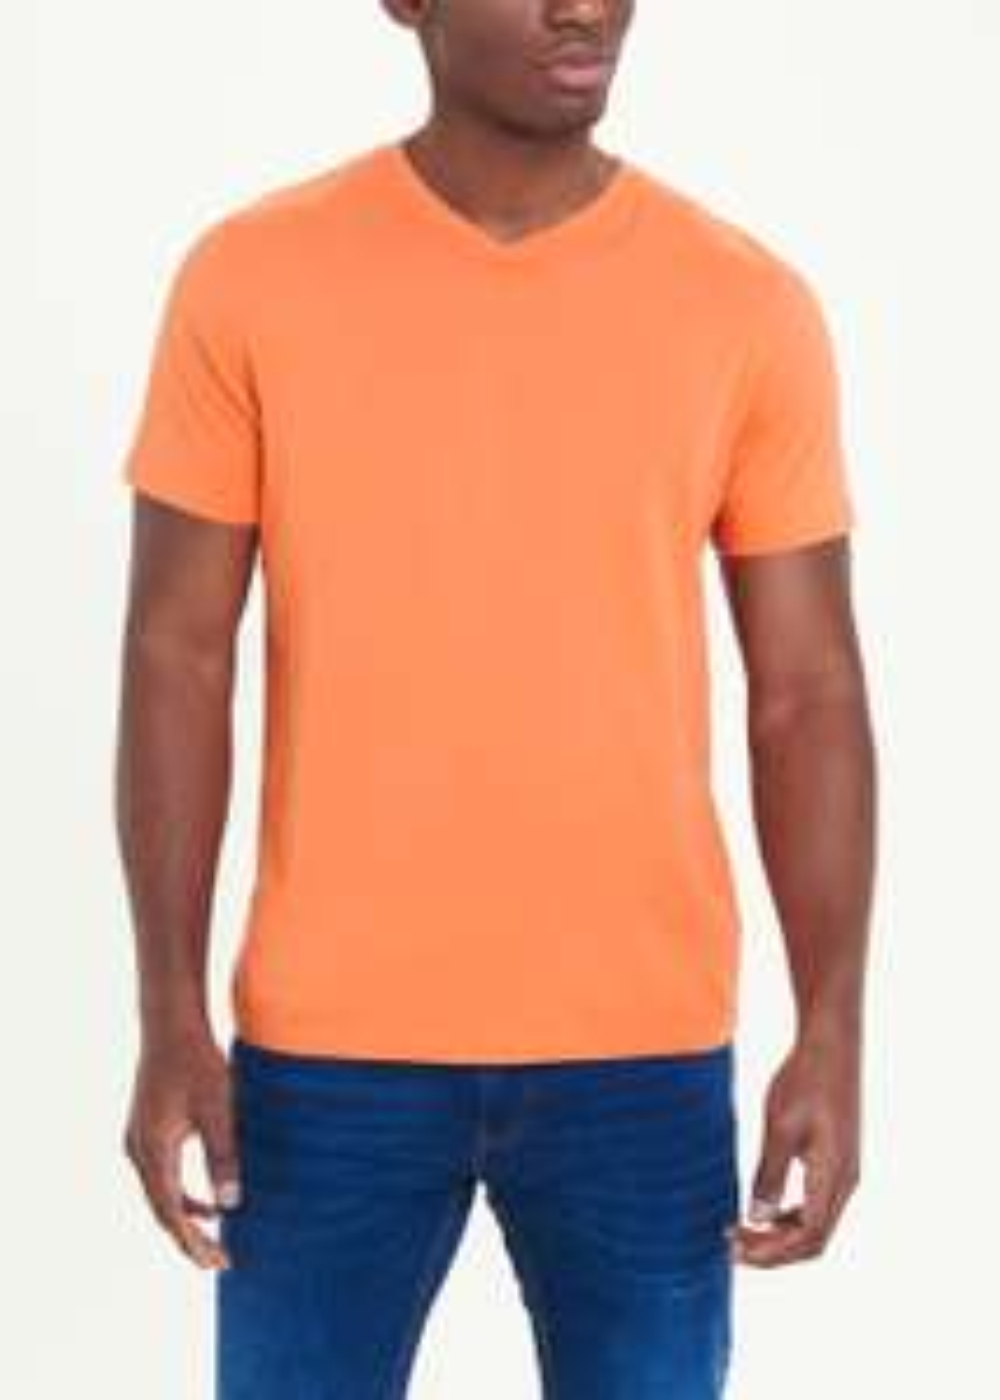 Orange V Neck T Shirt £2 at Matalan Free click and collect